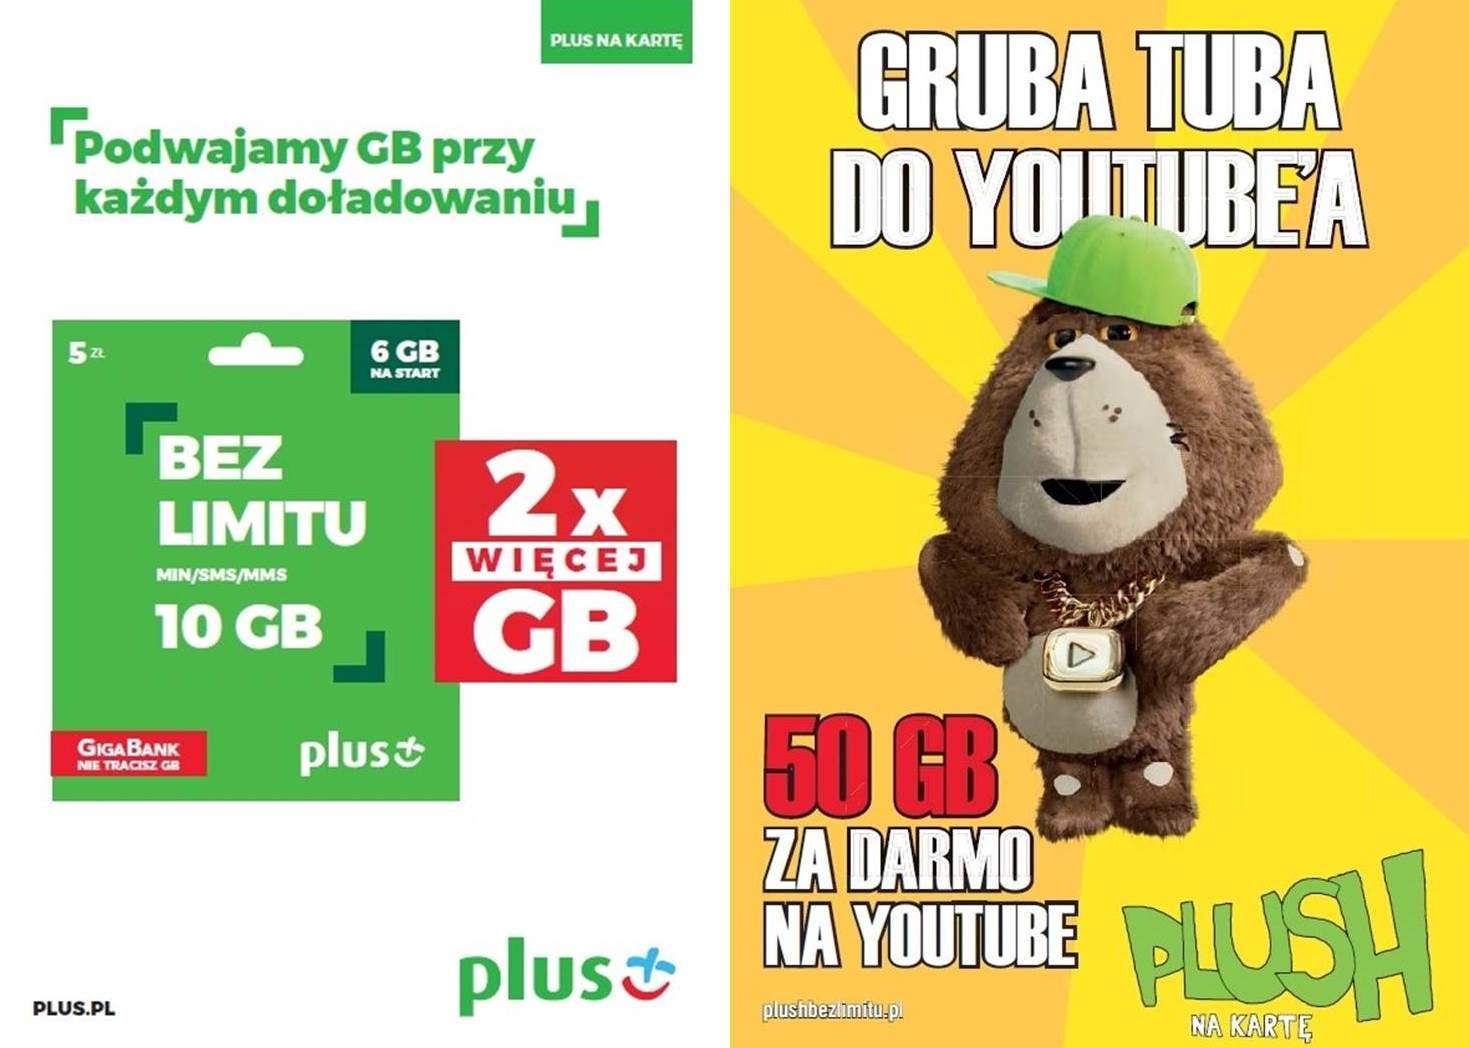 Promocja 2x więcej GB i Gruba Tuba na Youtuba